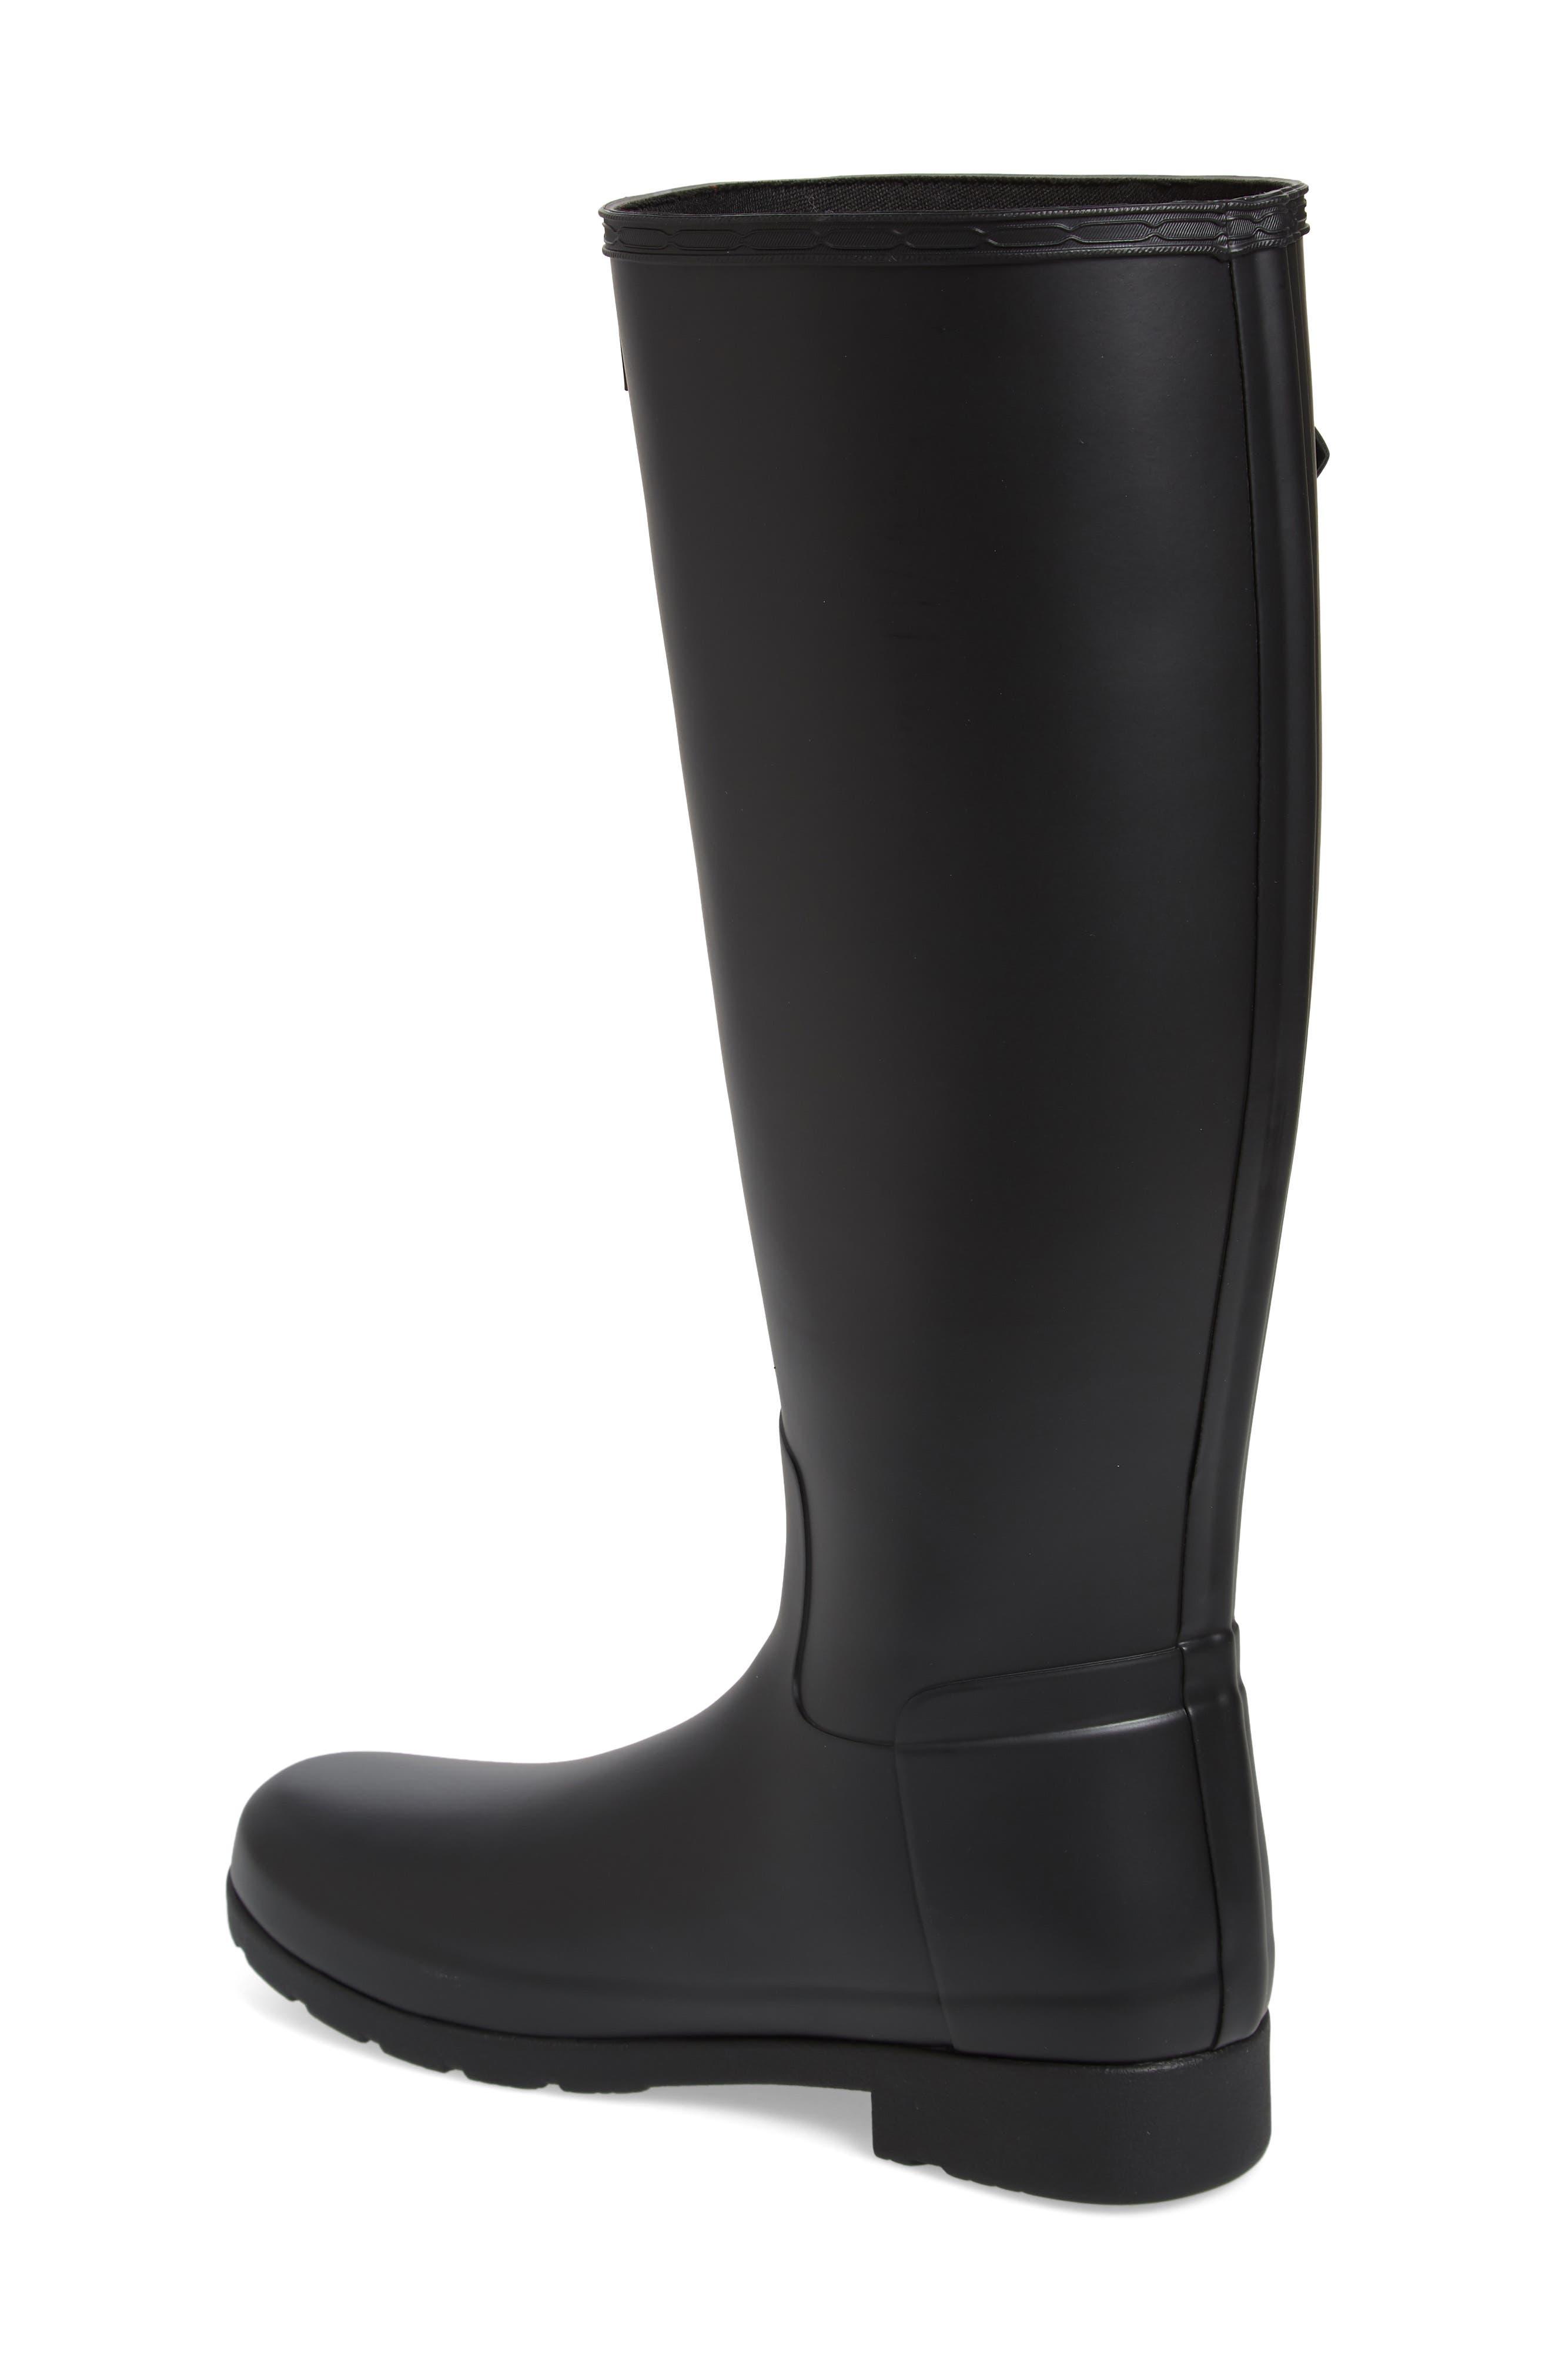 HUNTER,                             Original Refined Waterproof Rain Boot,                             Alternate thumbnail 2, color,                             BLACK REGULAR